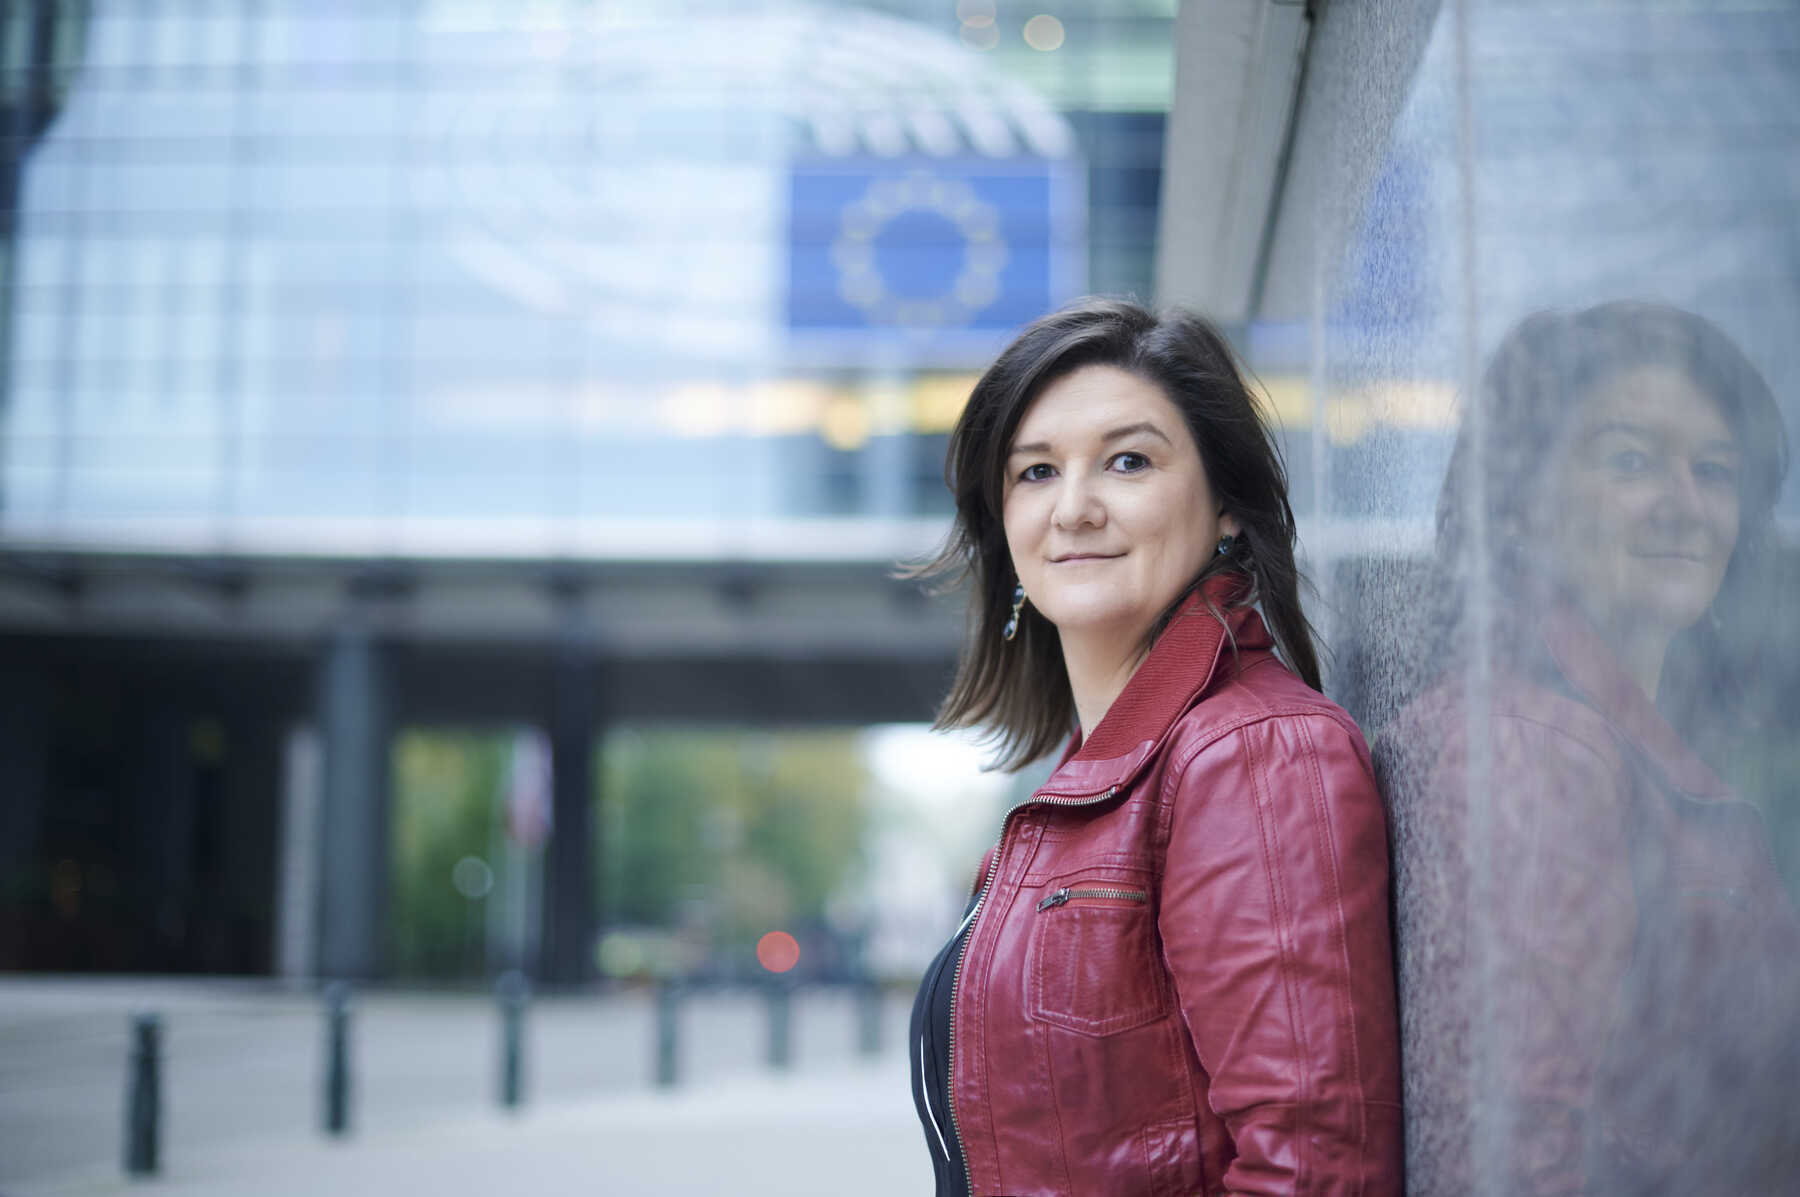 Unaniem verkozen tot EVP-coördinator in bijzondere commissie kankerbestrijding